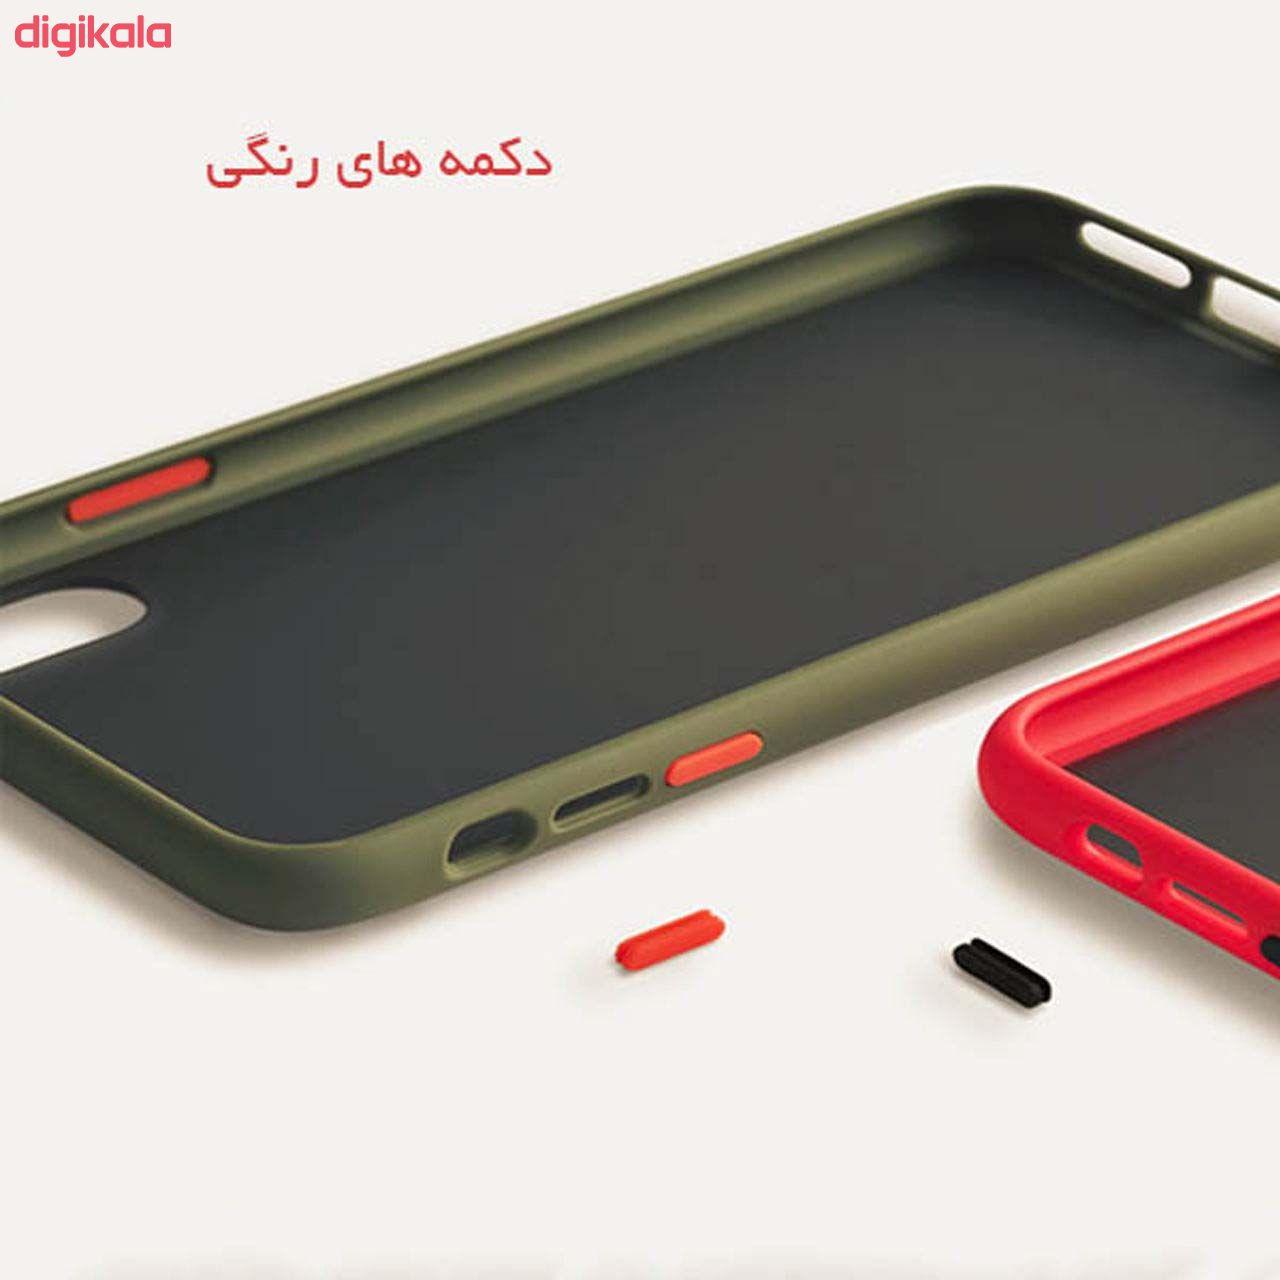 کاور کینگ پاور مدل M22 مناسب برای گوشی موبایل شیائومی Redmi Note 8 Pro main 1 8